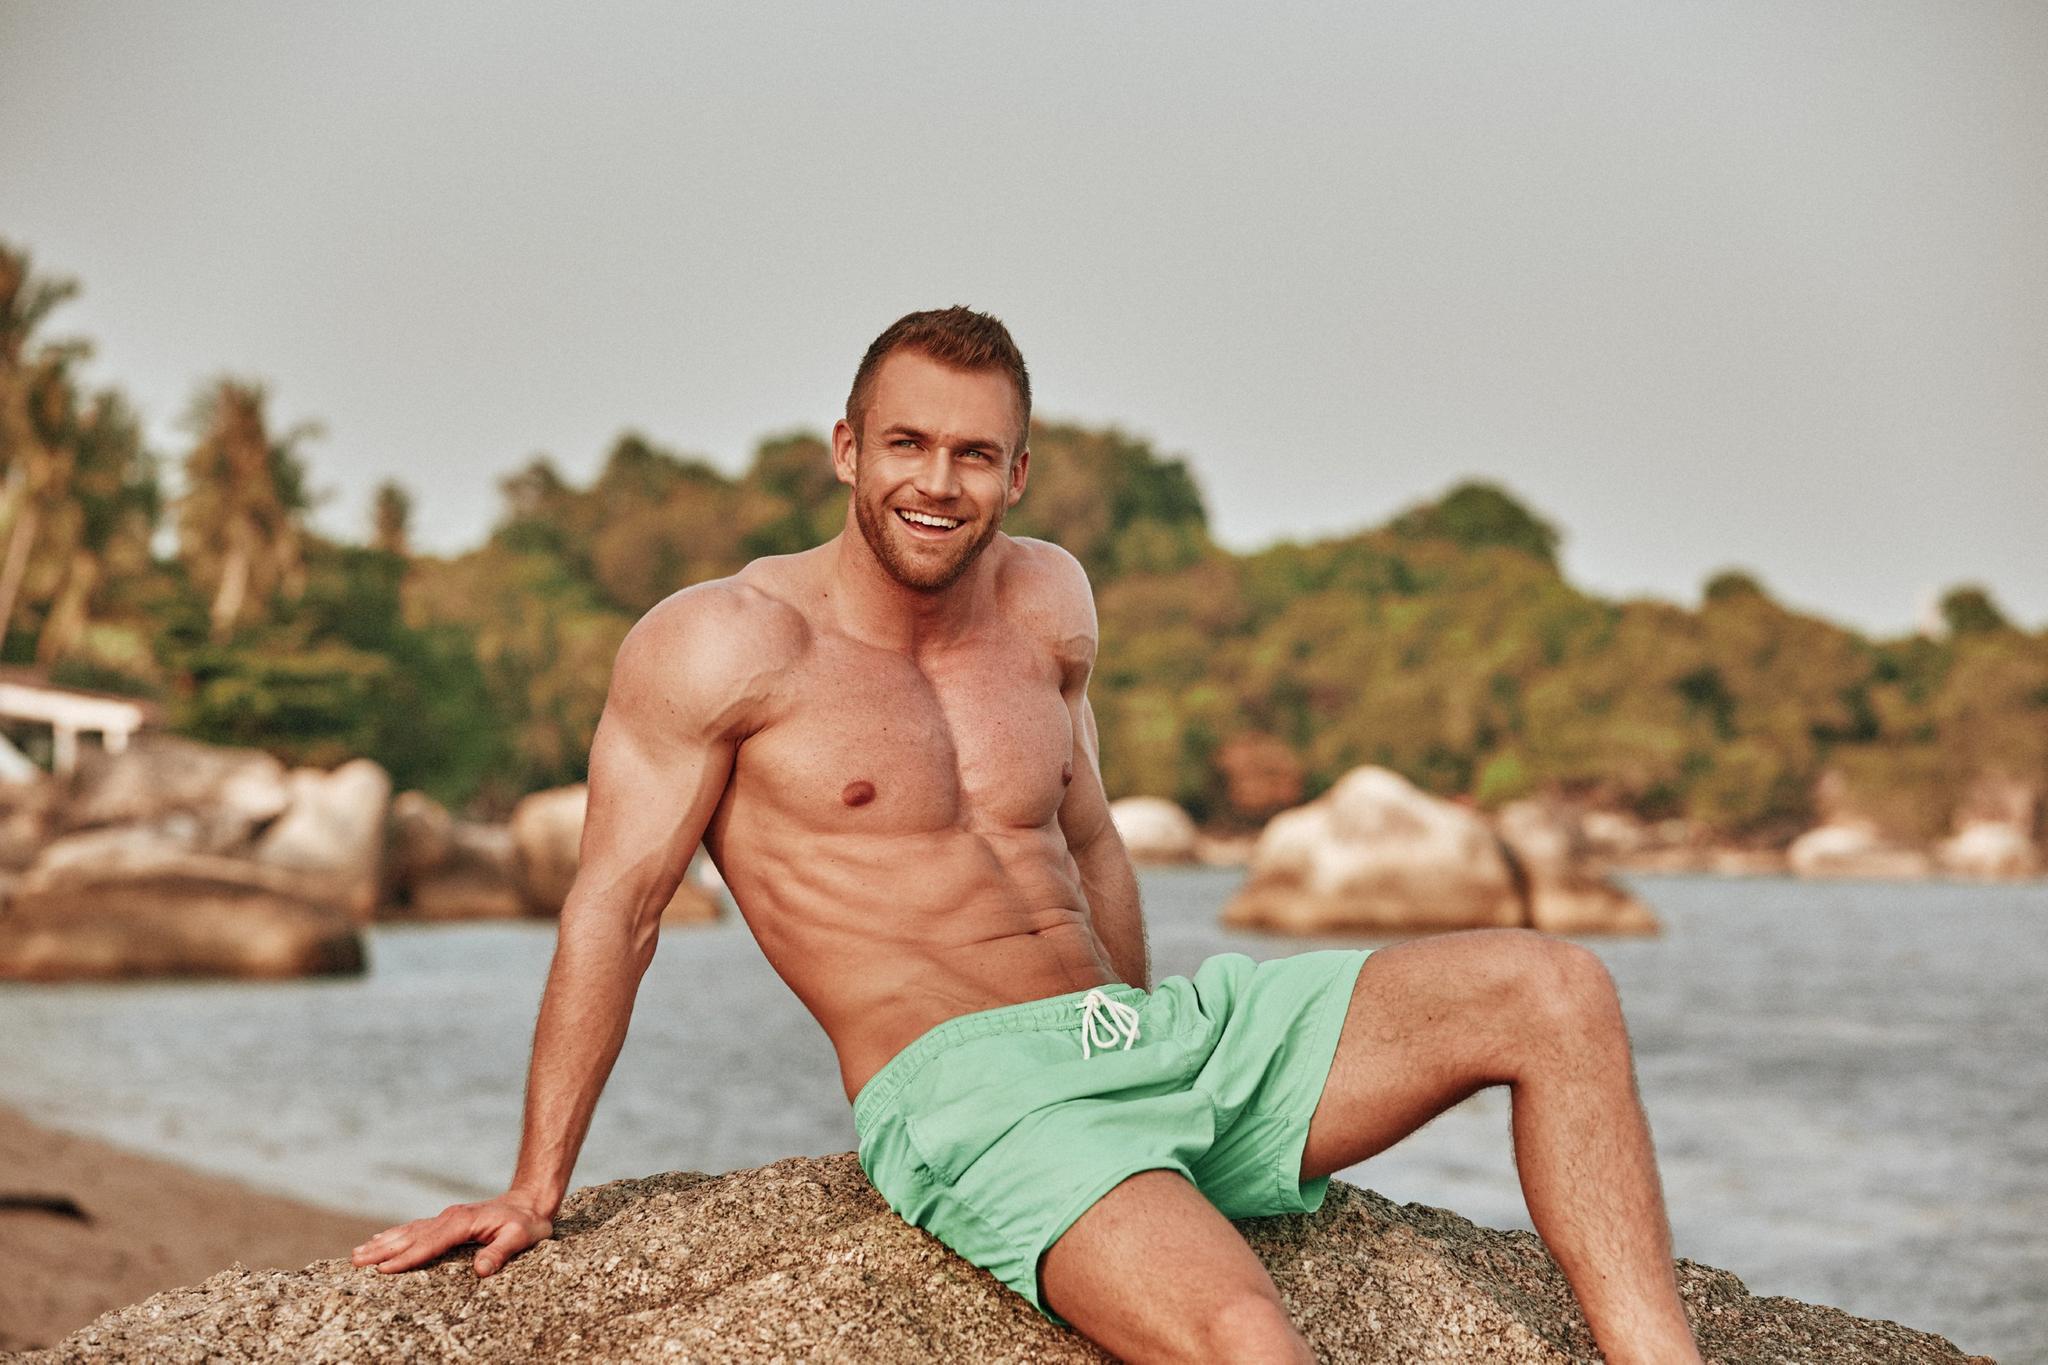 Johannes Haller Bachelor In Paradise 53